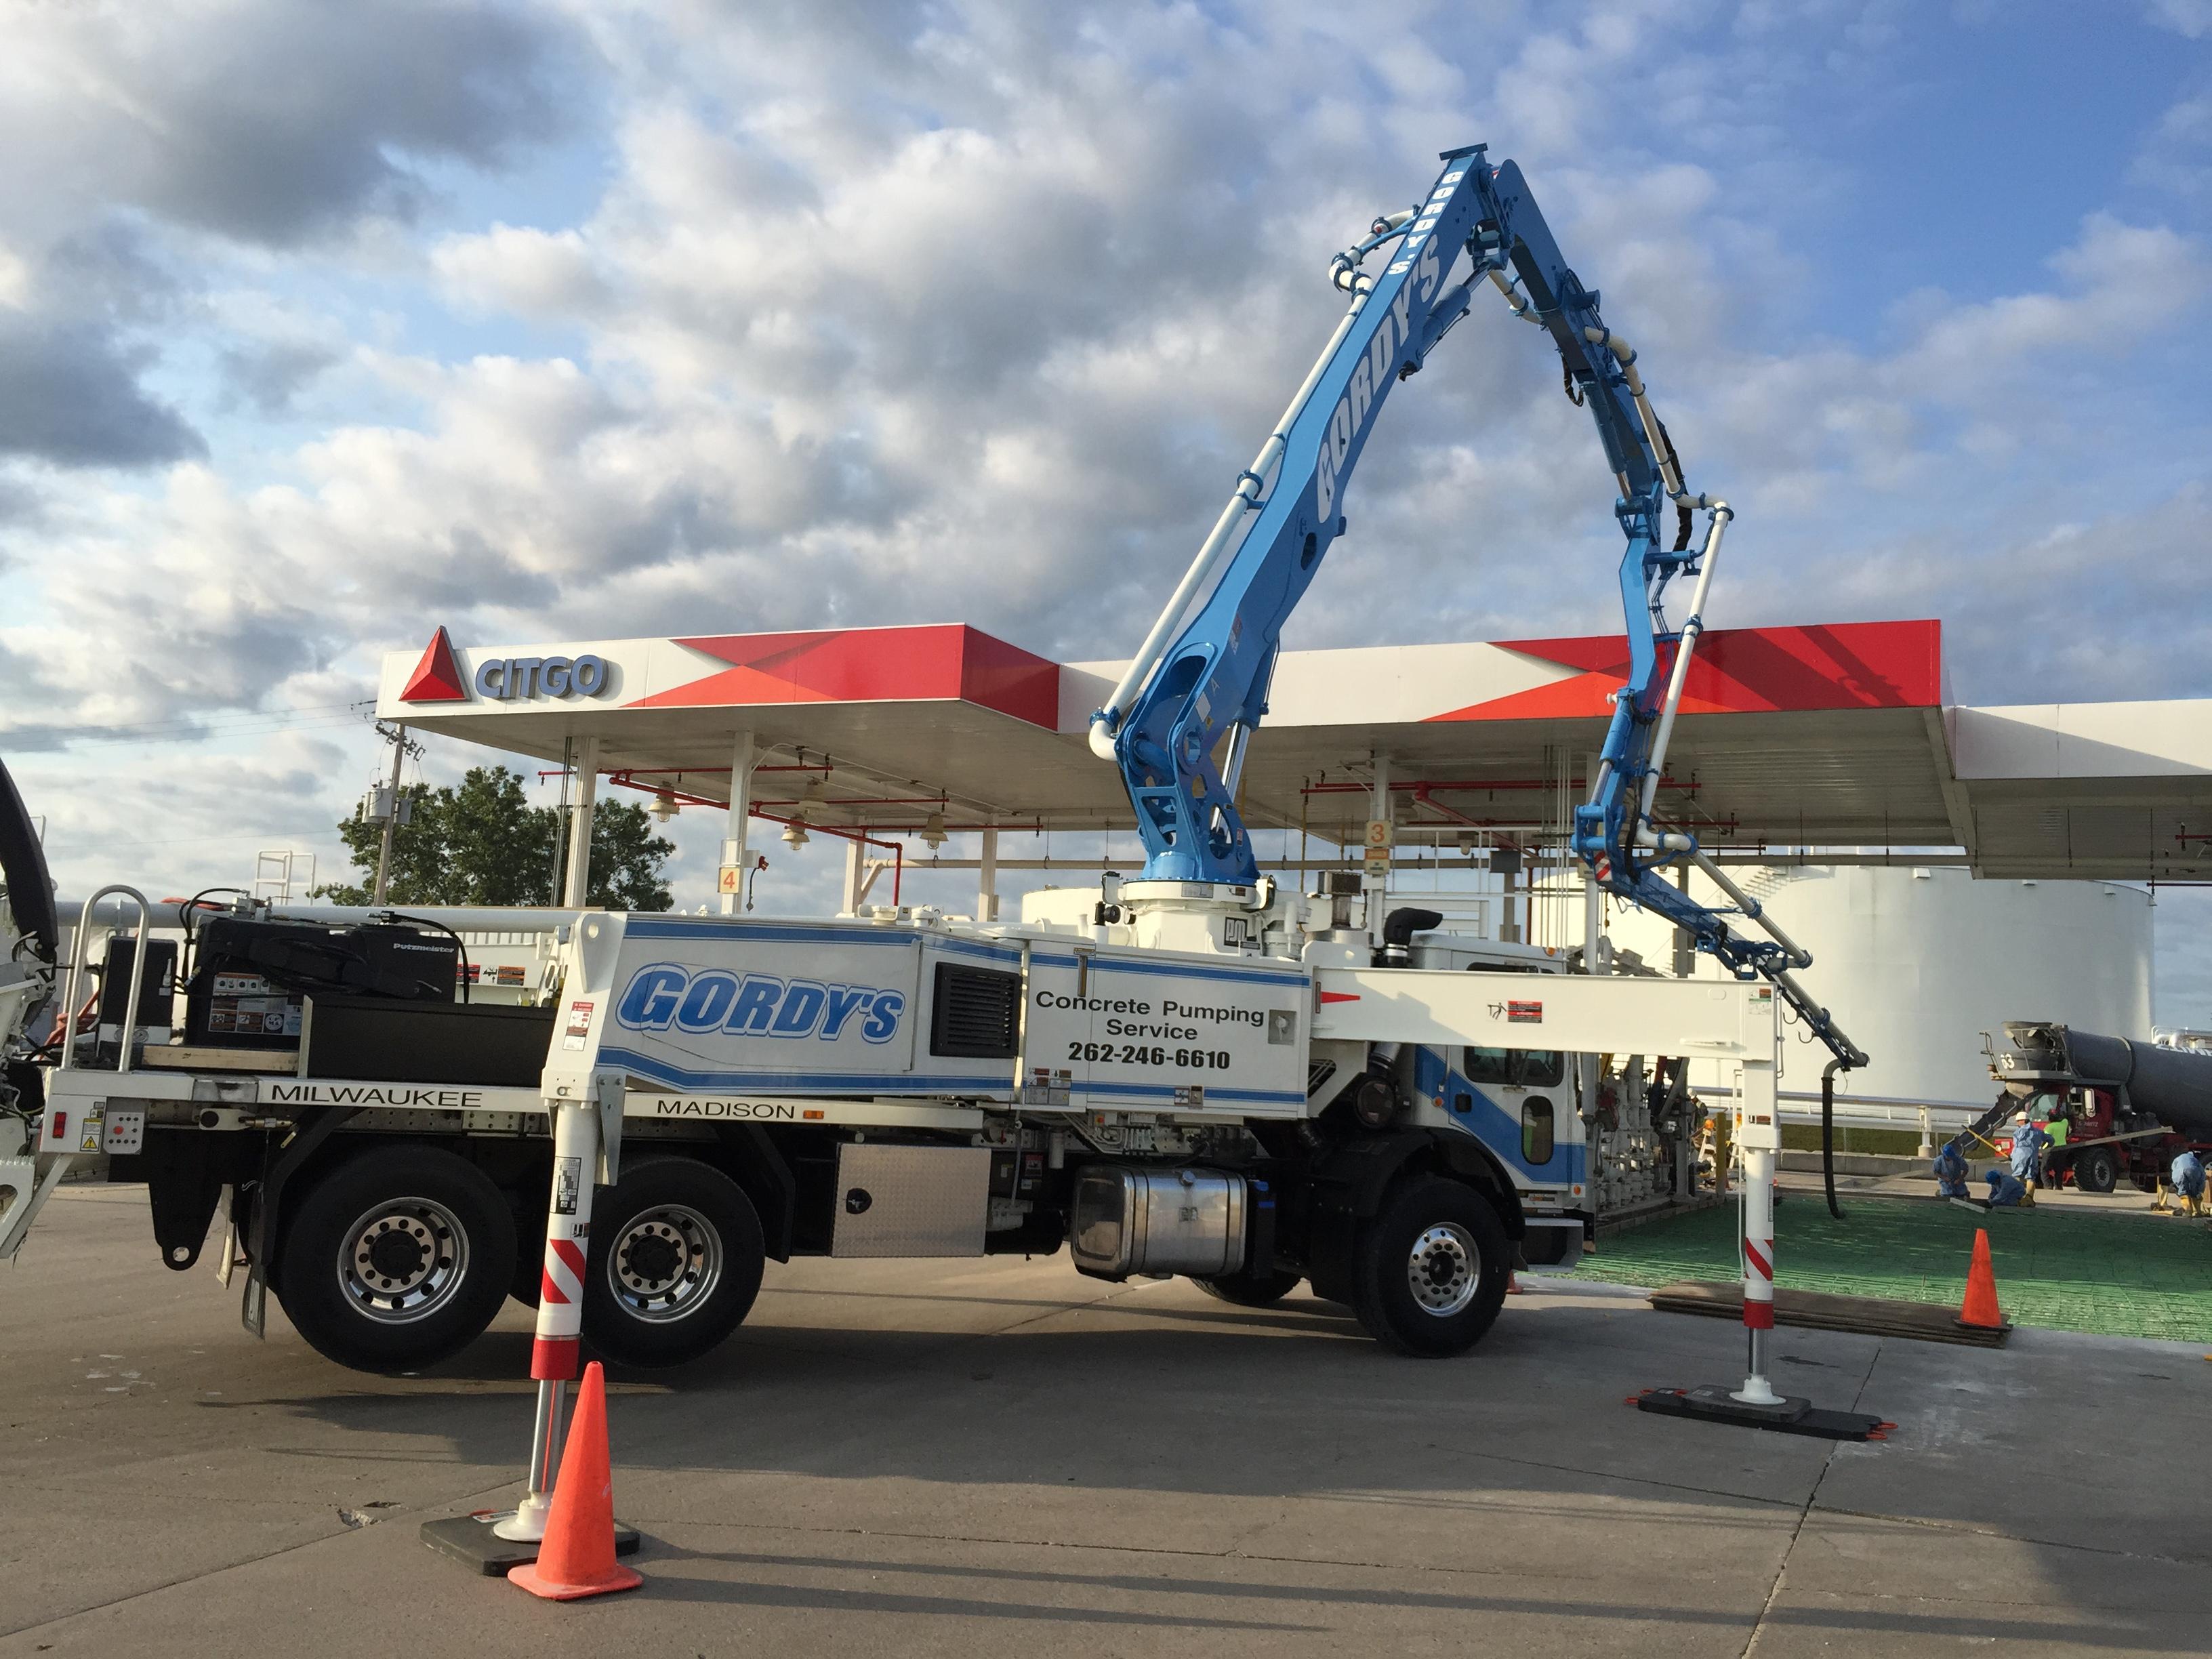 Gordy's Concrete Pumping Service provides unsurpassed